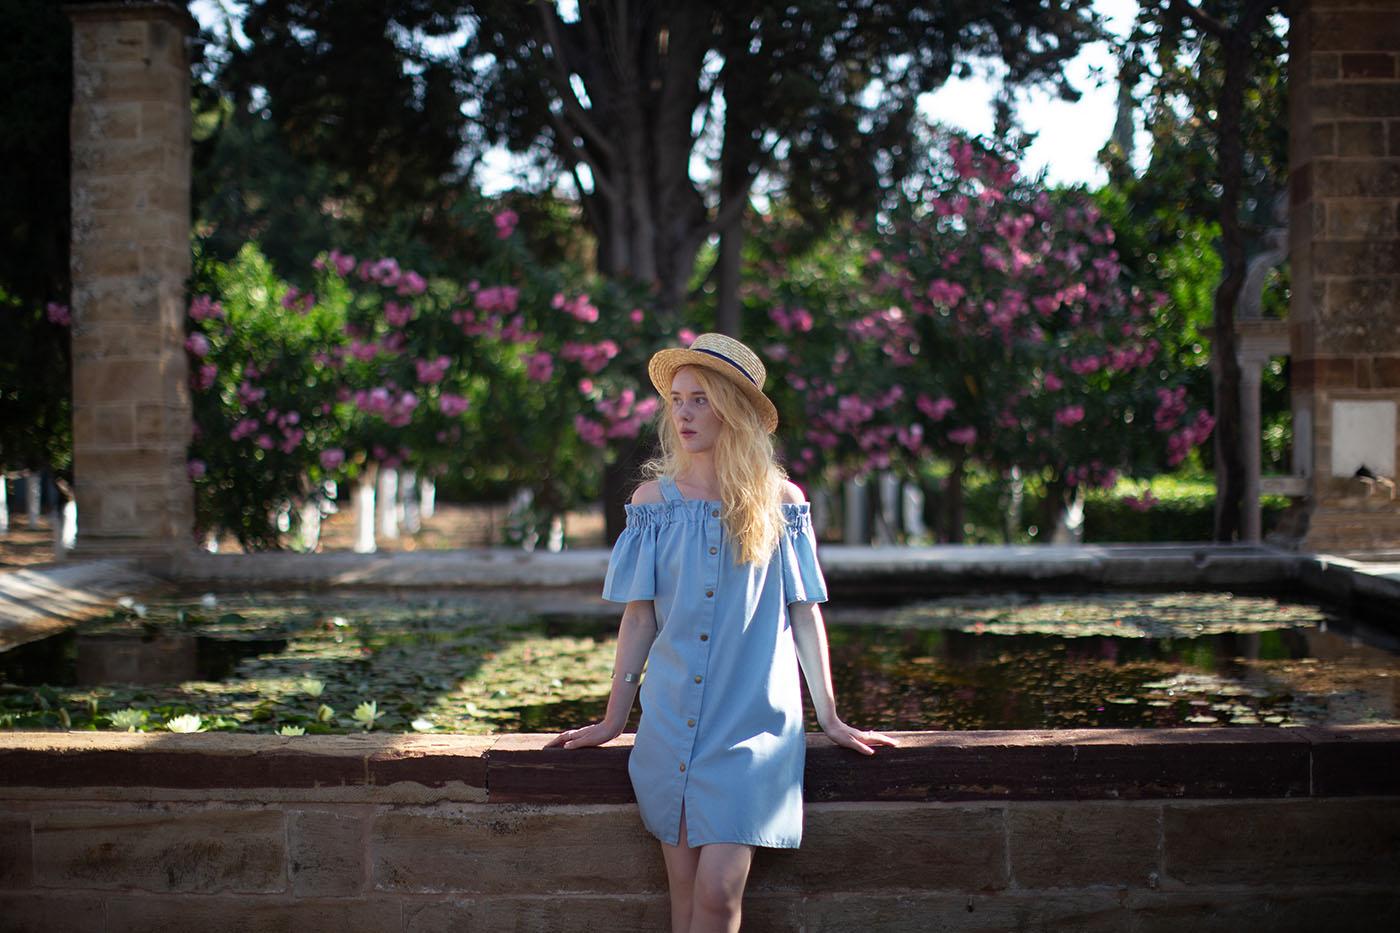 Летние платья 2021: модные фасоны, цвета, принты